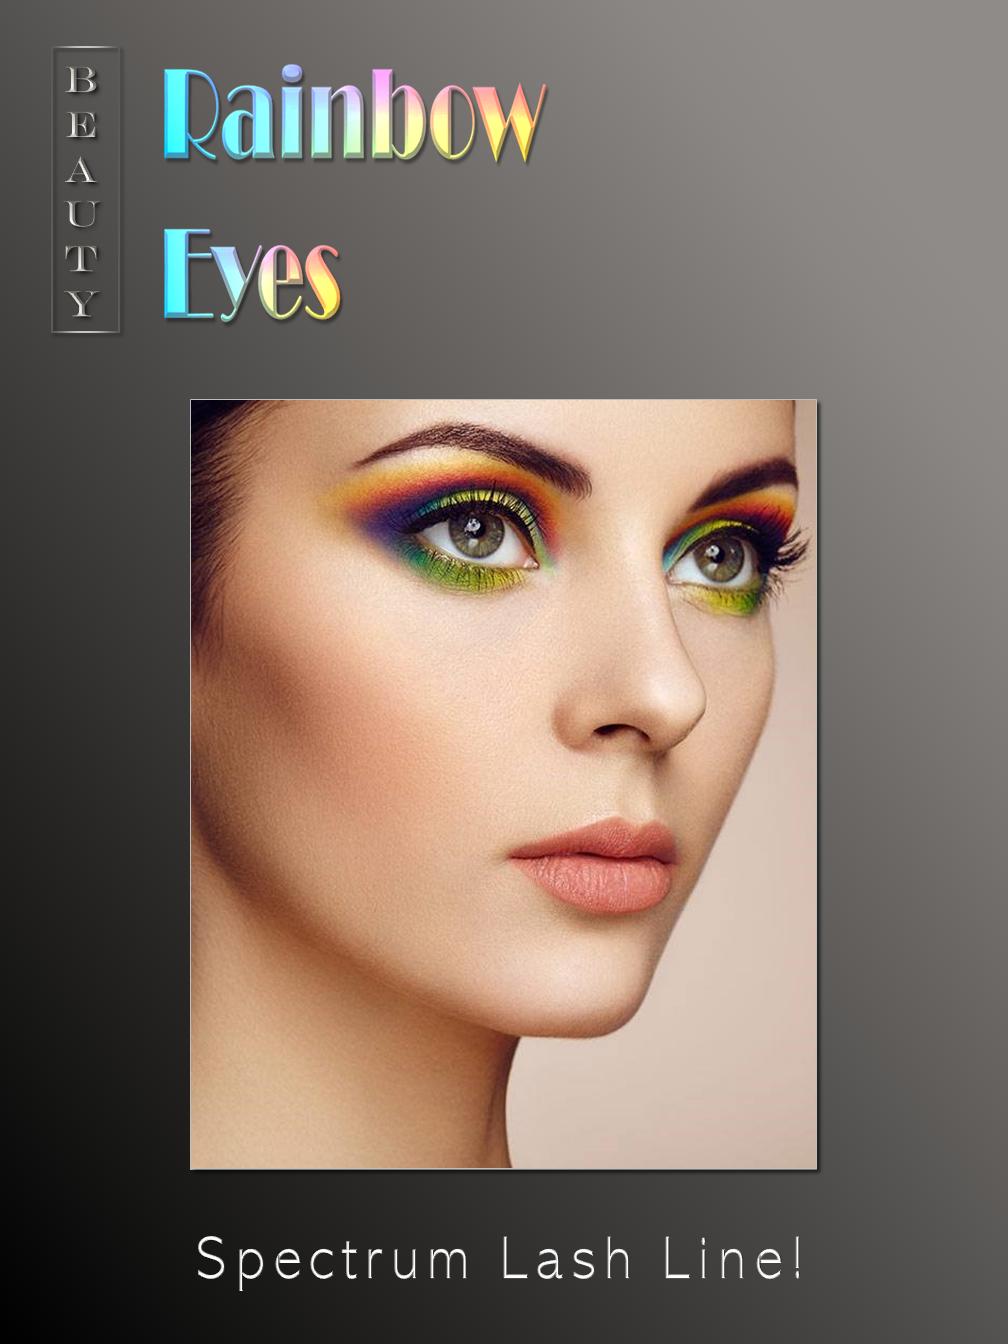 Rainbow Eyes (Part 3)